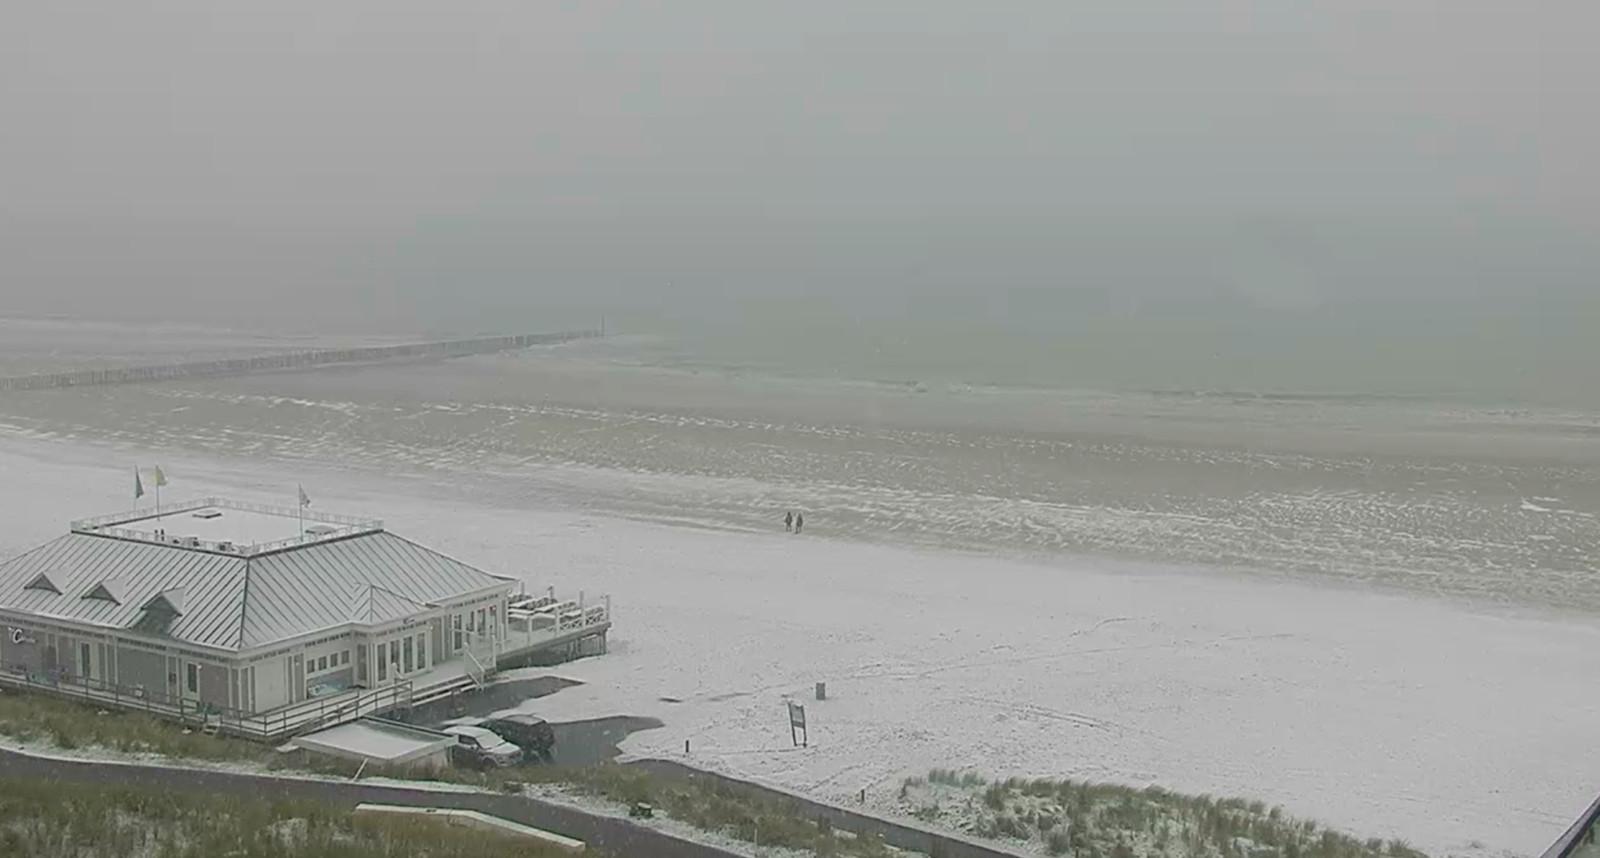 Via een webcam in Cadzand (Zeeland) bij het strand is de eerste laag sneeuw te zien.